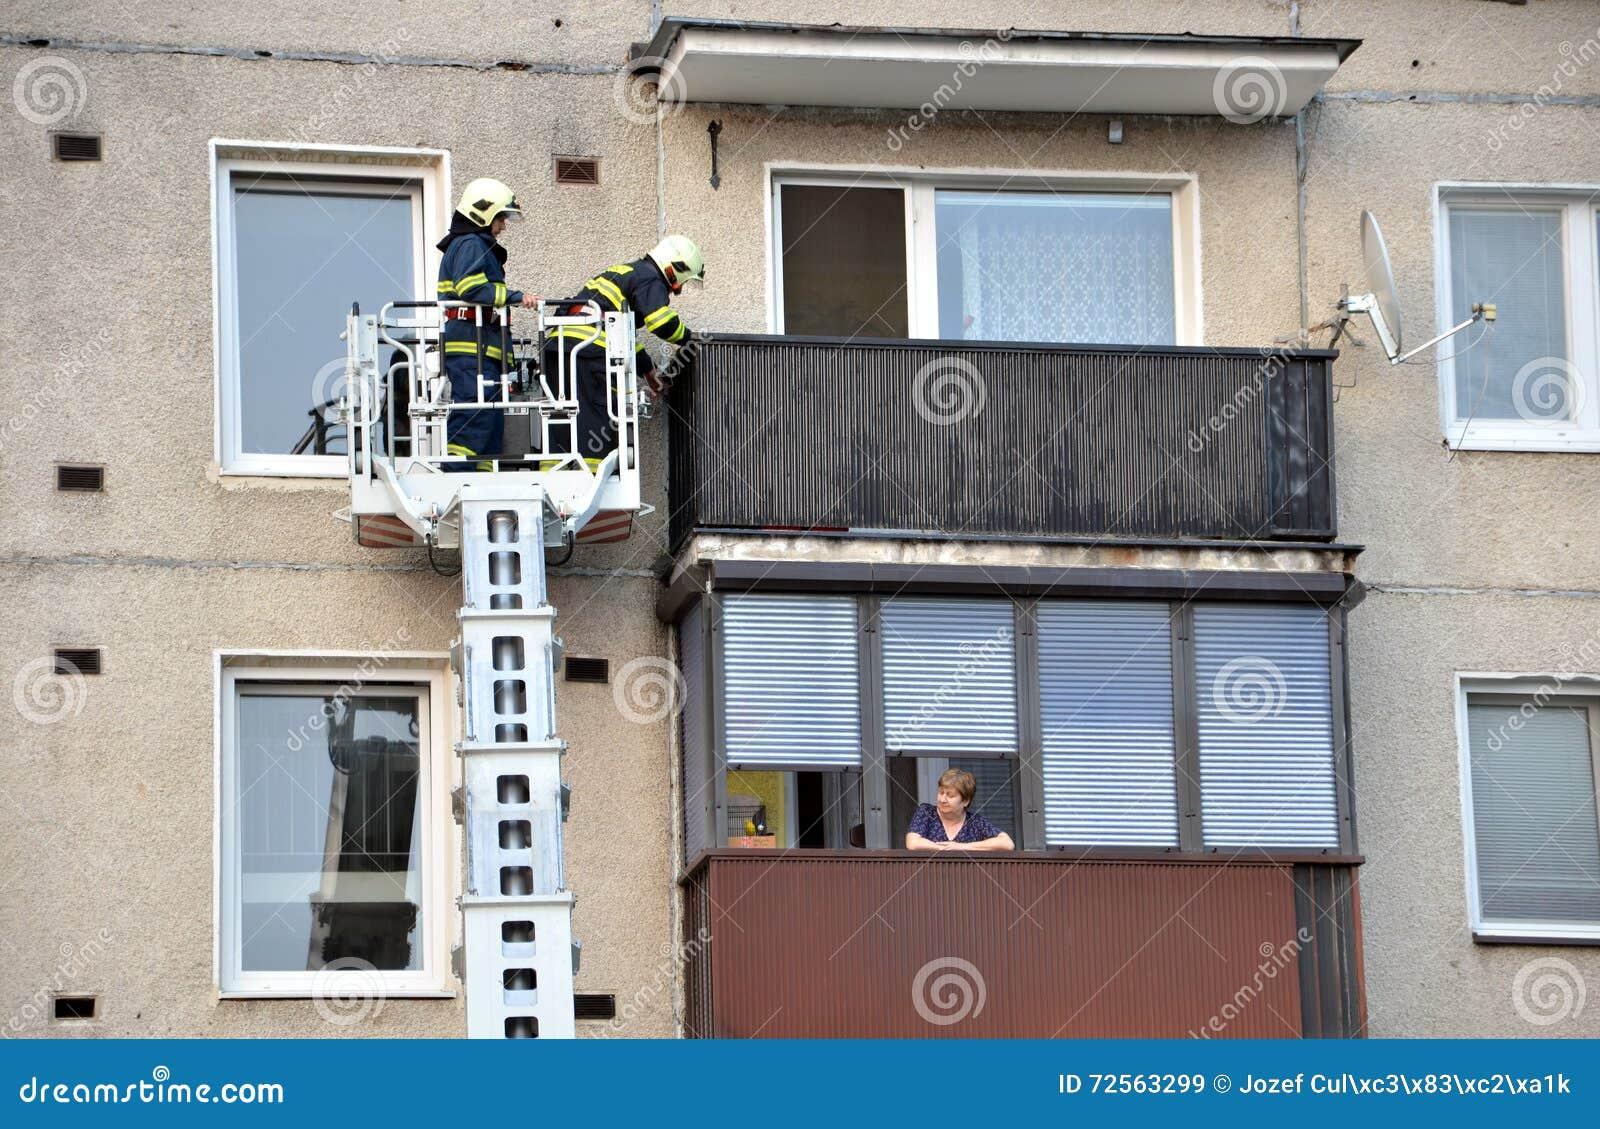 Kast Voor Balkon : Zwei feuerwehrmänner in teleskopauslegerkorb des löschfahrzeugs